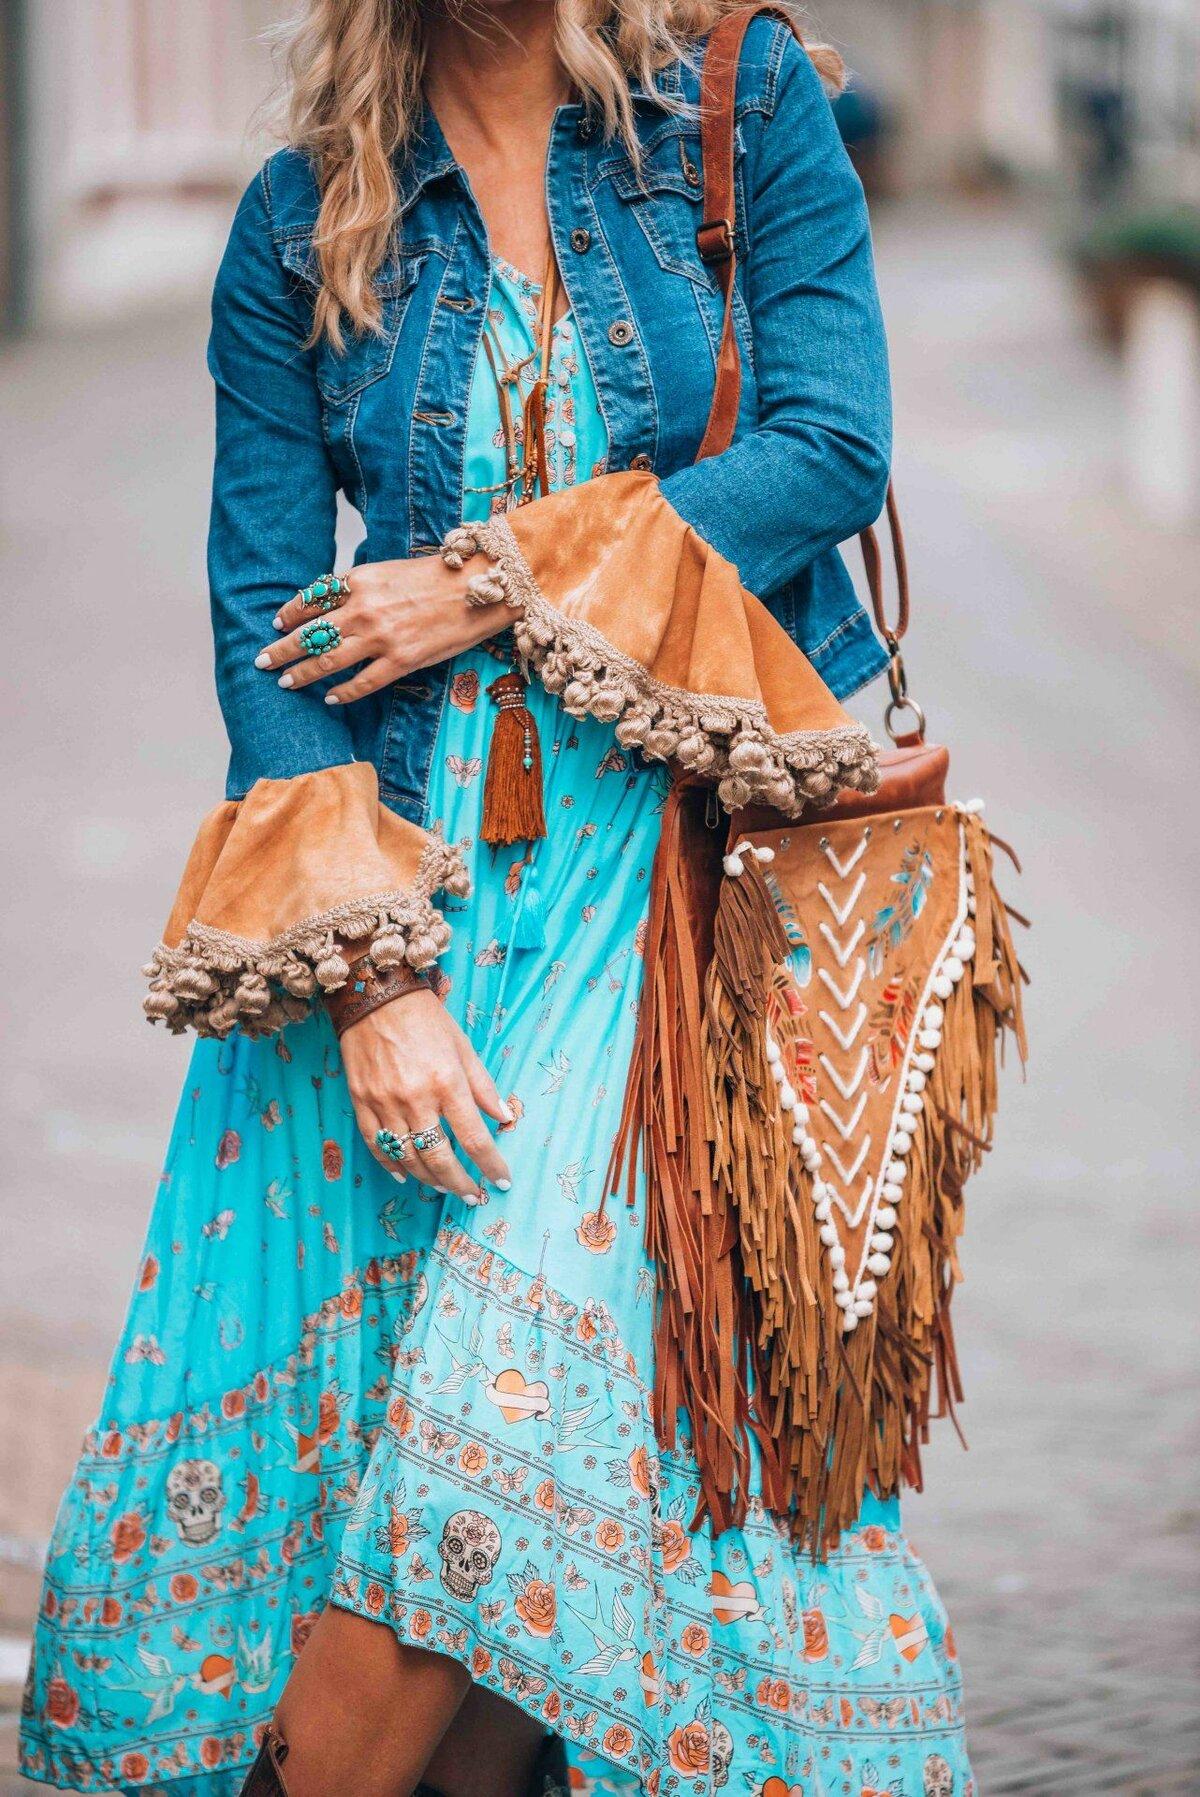 Стиль бохо в одежде (180 фото): что такое, как создать модный зимний и летний гардероб невестам и женщинам 50 лет